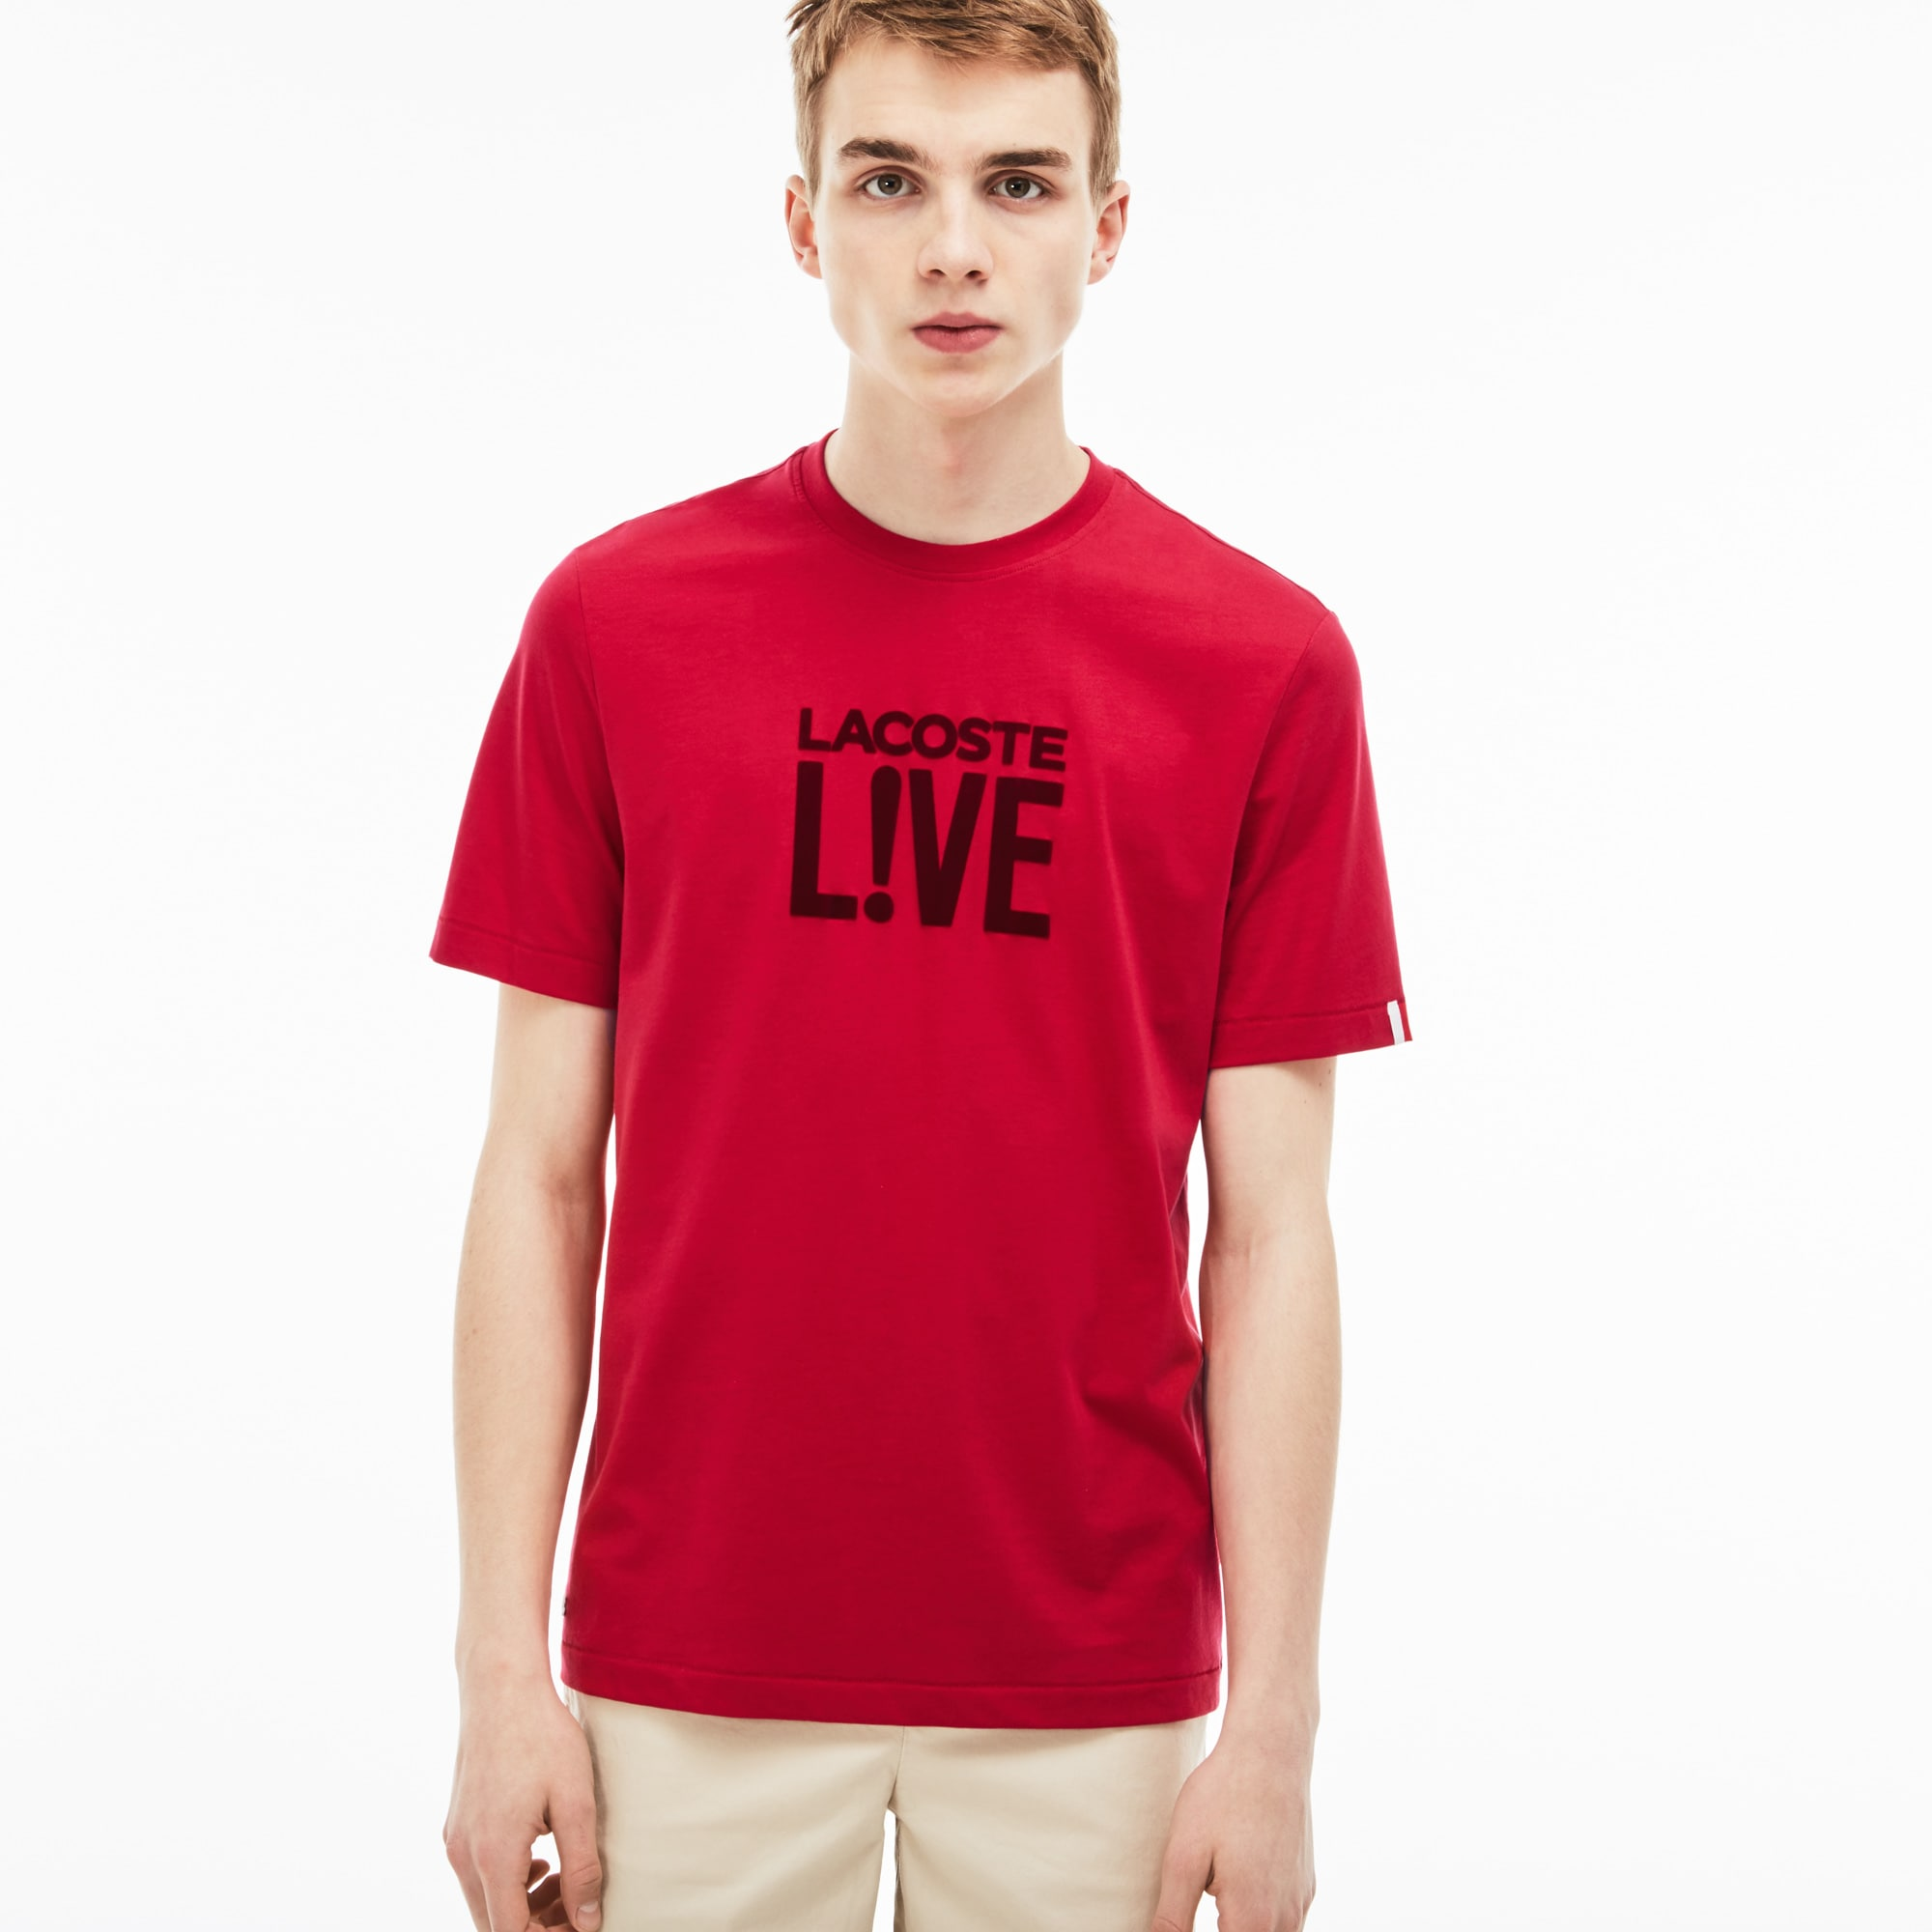 Herren-Rundhals-T-Shirt aus Velours-Jersey mit Logo LACOSTE L!VE